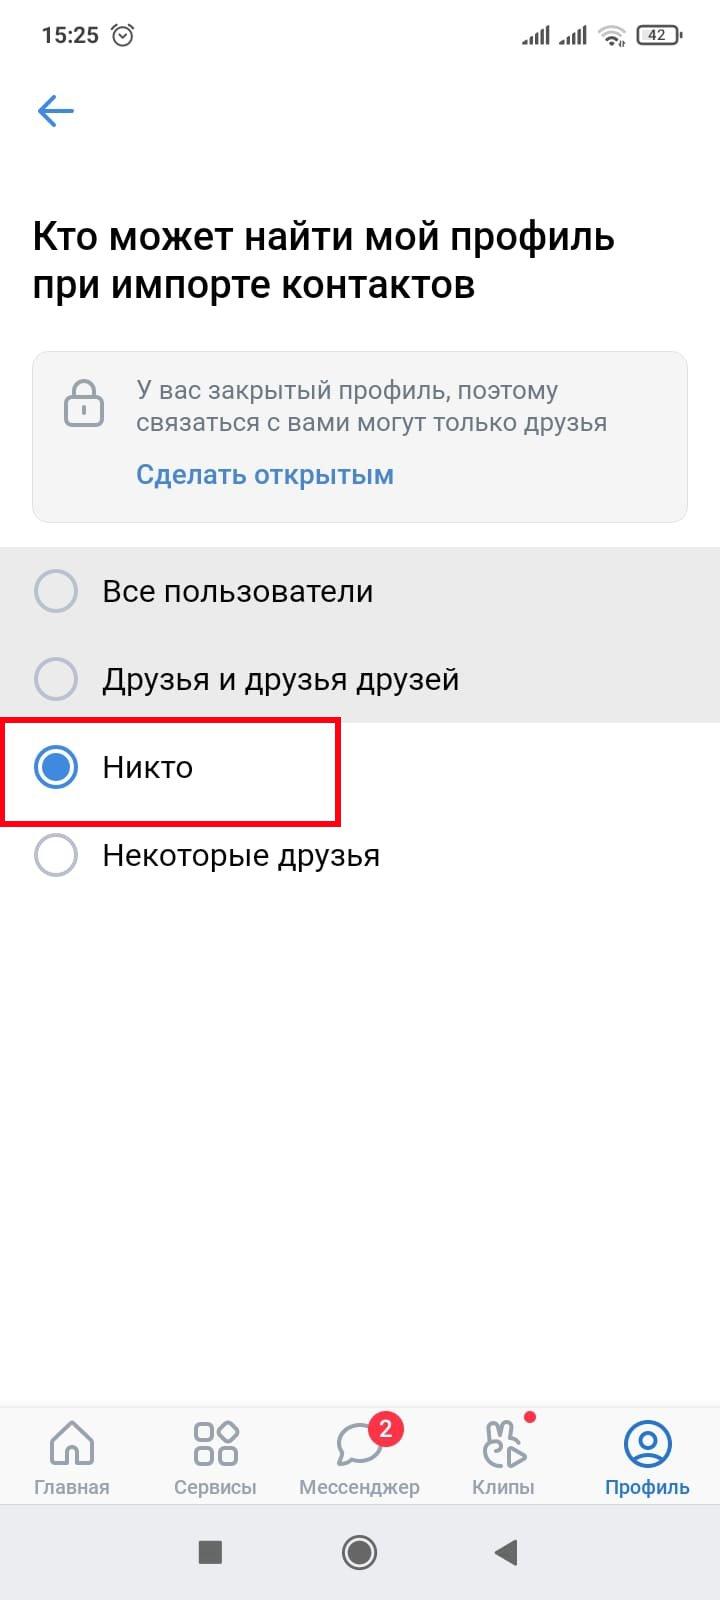 выставление параметра «Кто может найти мой профиль при импорте контактов»